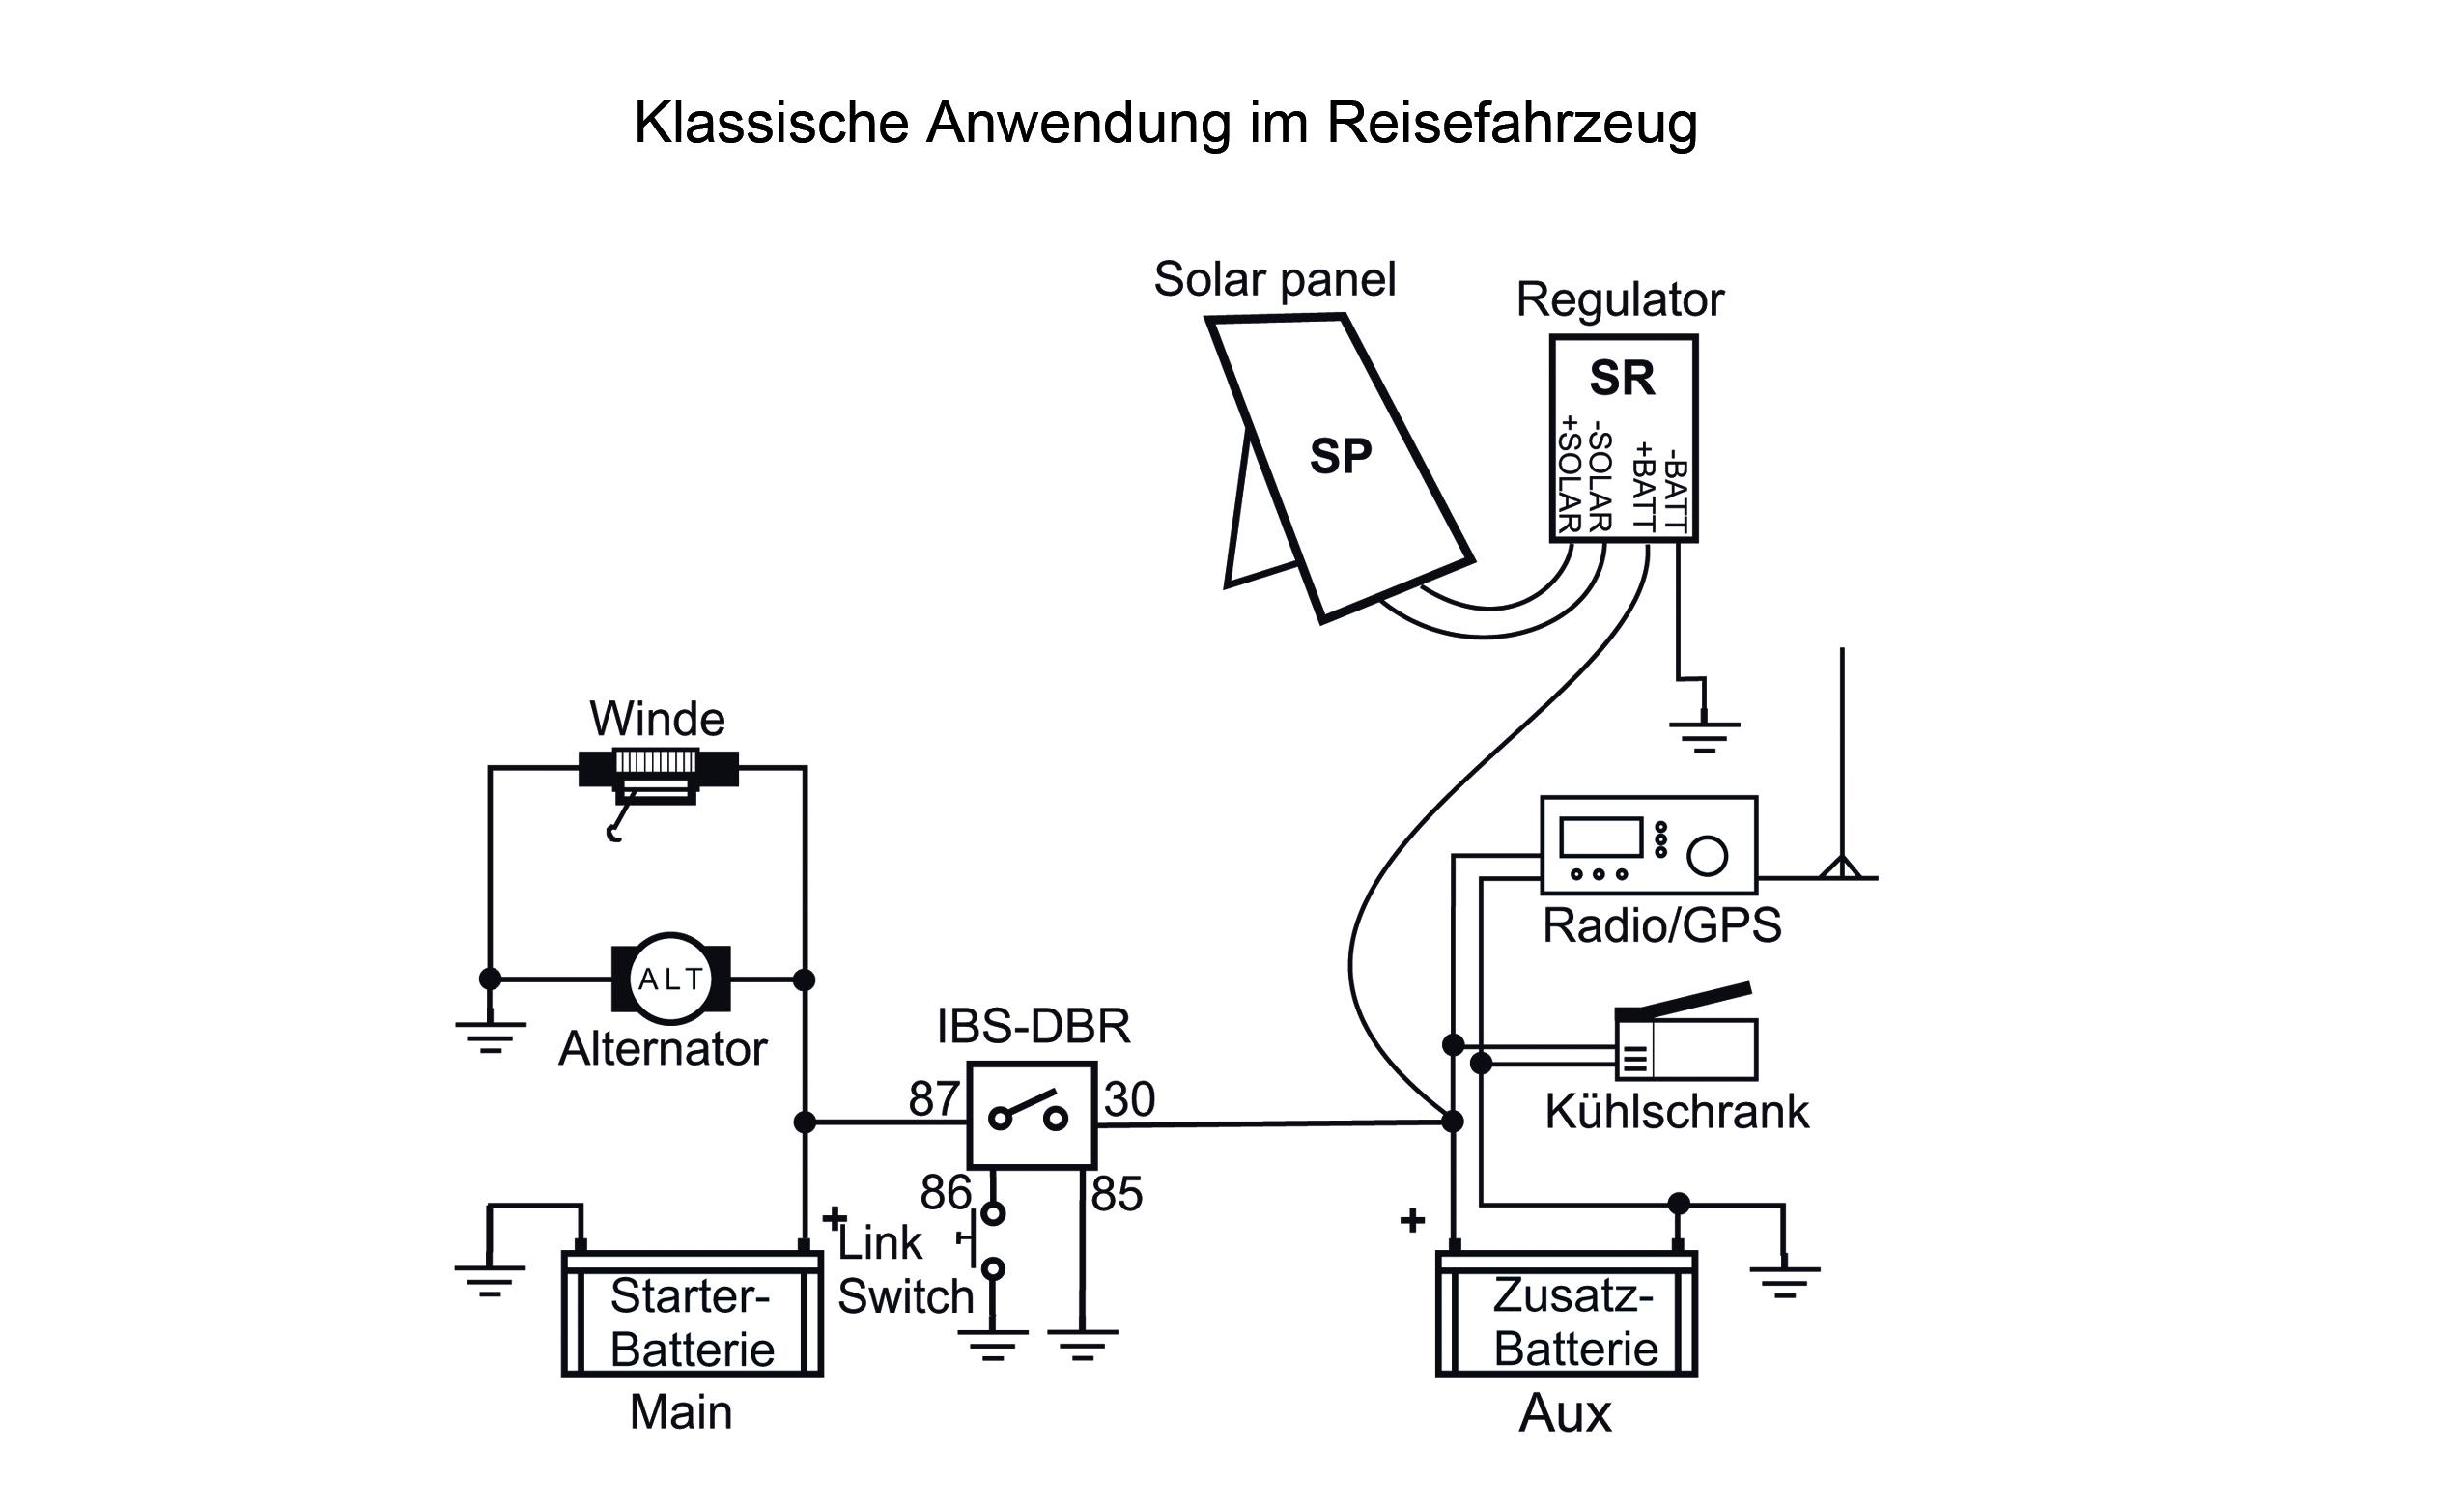 Großartig 4 Draht Relais Diagramm Fotos - Die Besten Elektrischen ...